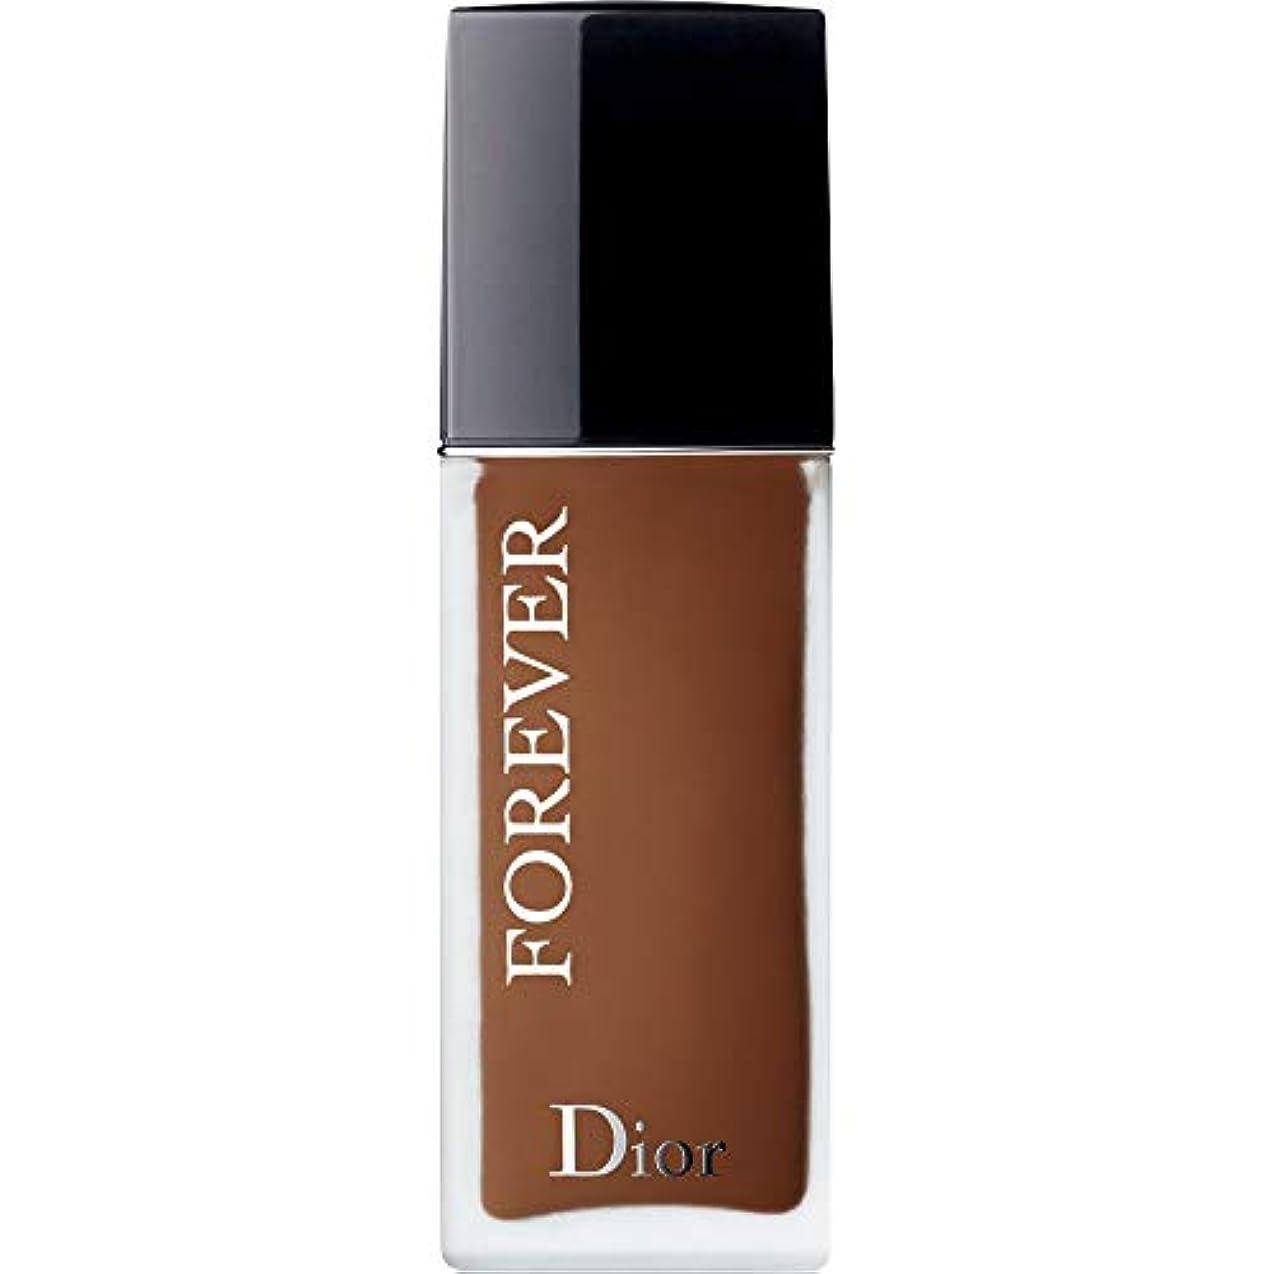 血まみれ遅滞かすかな[Dior ] ディオール永遠皮膚思いやりの基盤Spf35 30ミリリットルの8N - ニュートラル(つや消し) - DIOR Forever Skin-Caring Foundation SPF35 30ml 8N -...